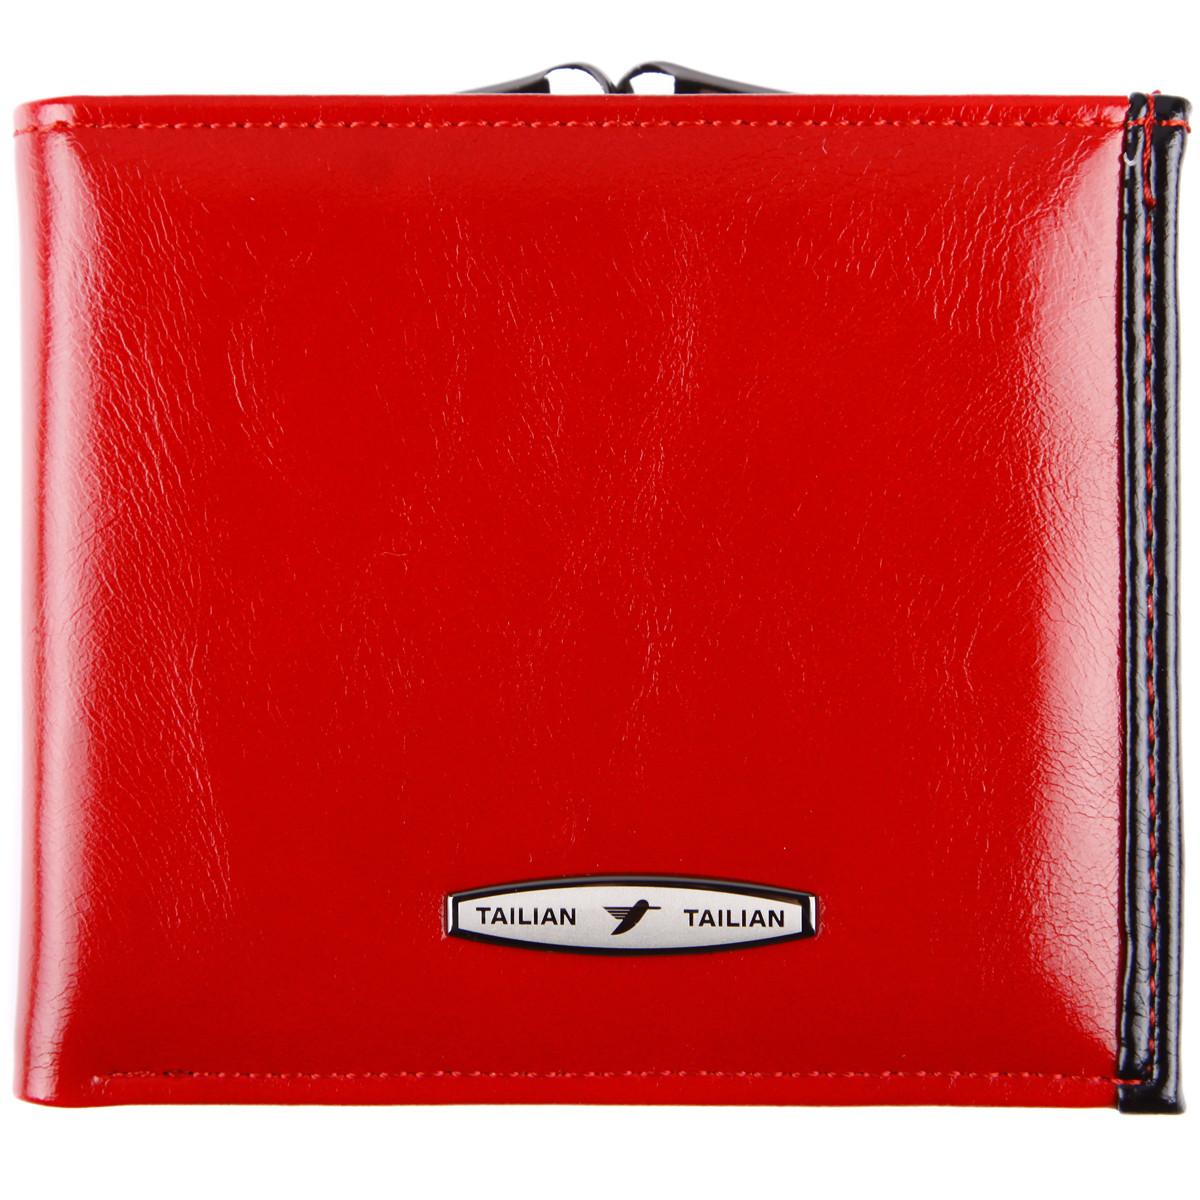 Портмоне женский TAILIAN застёжка кнопка красный 11х9,5х2,5  м Т777-0521крч